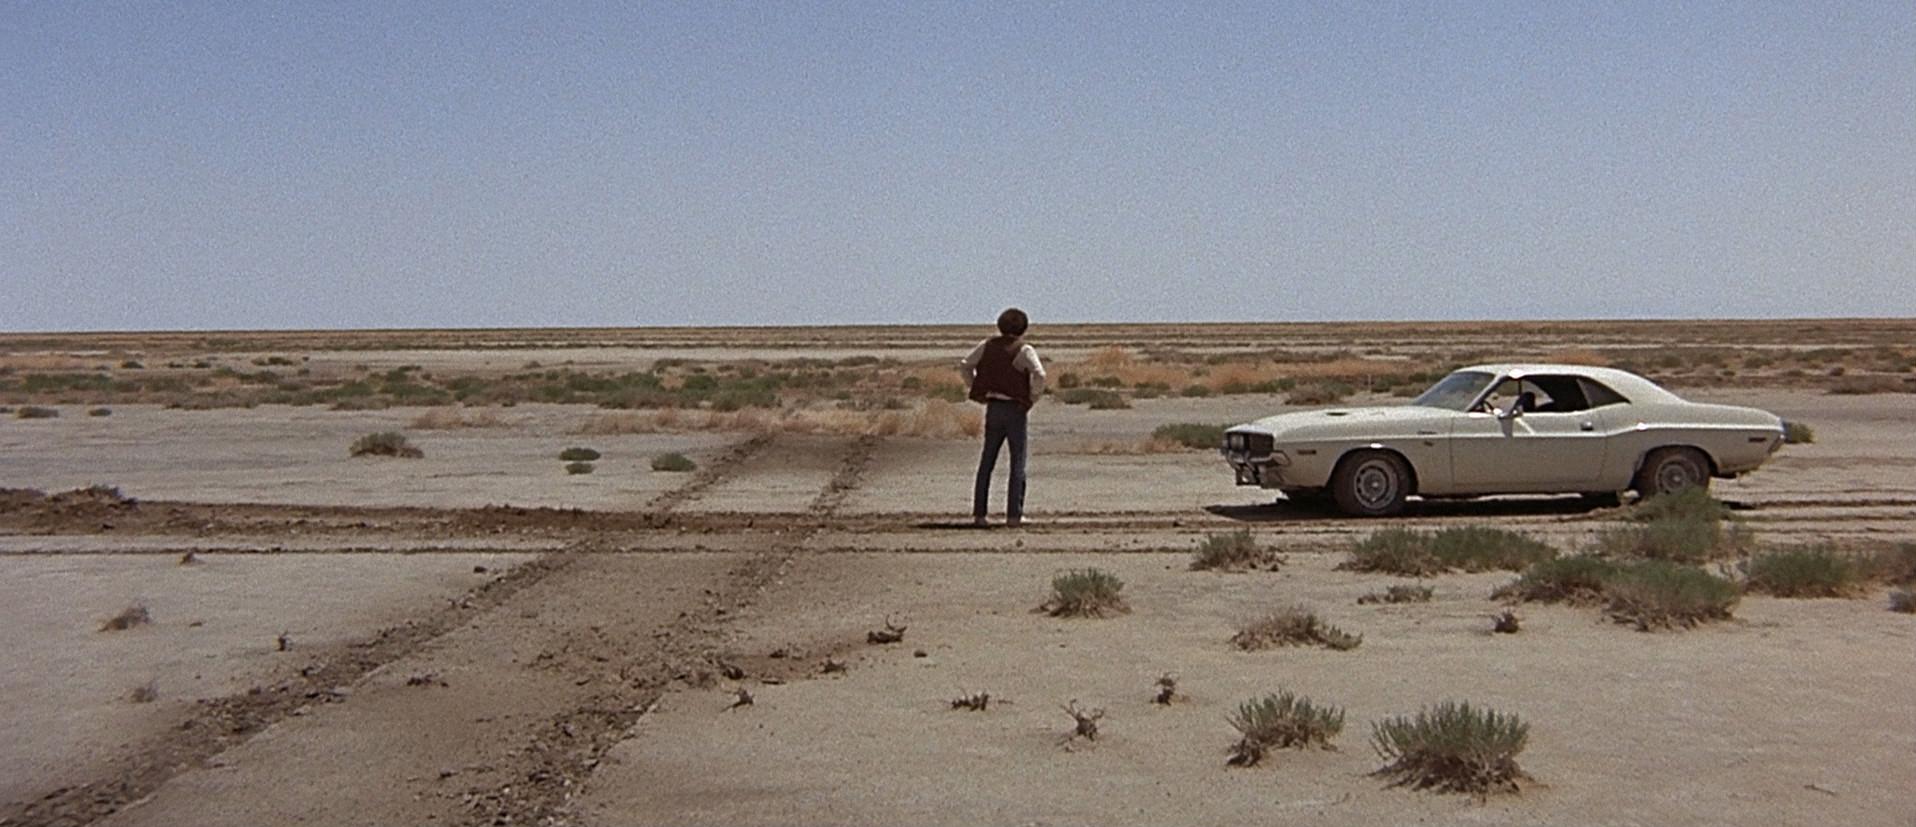 Messias-figuren Kowalski i et sårt øyeblikk. Fra filmen «Vanishing Point»